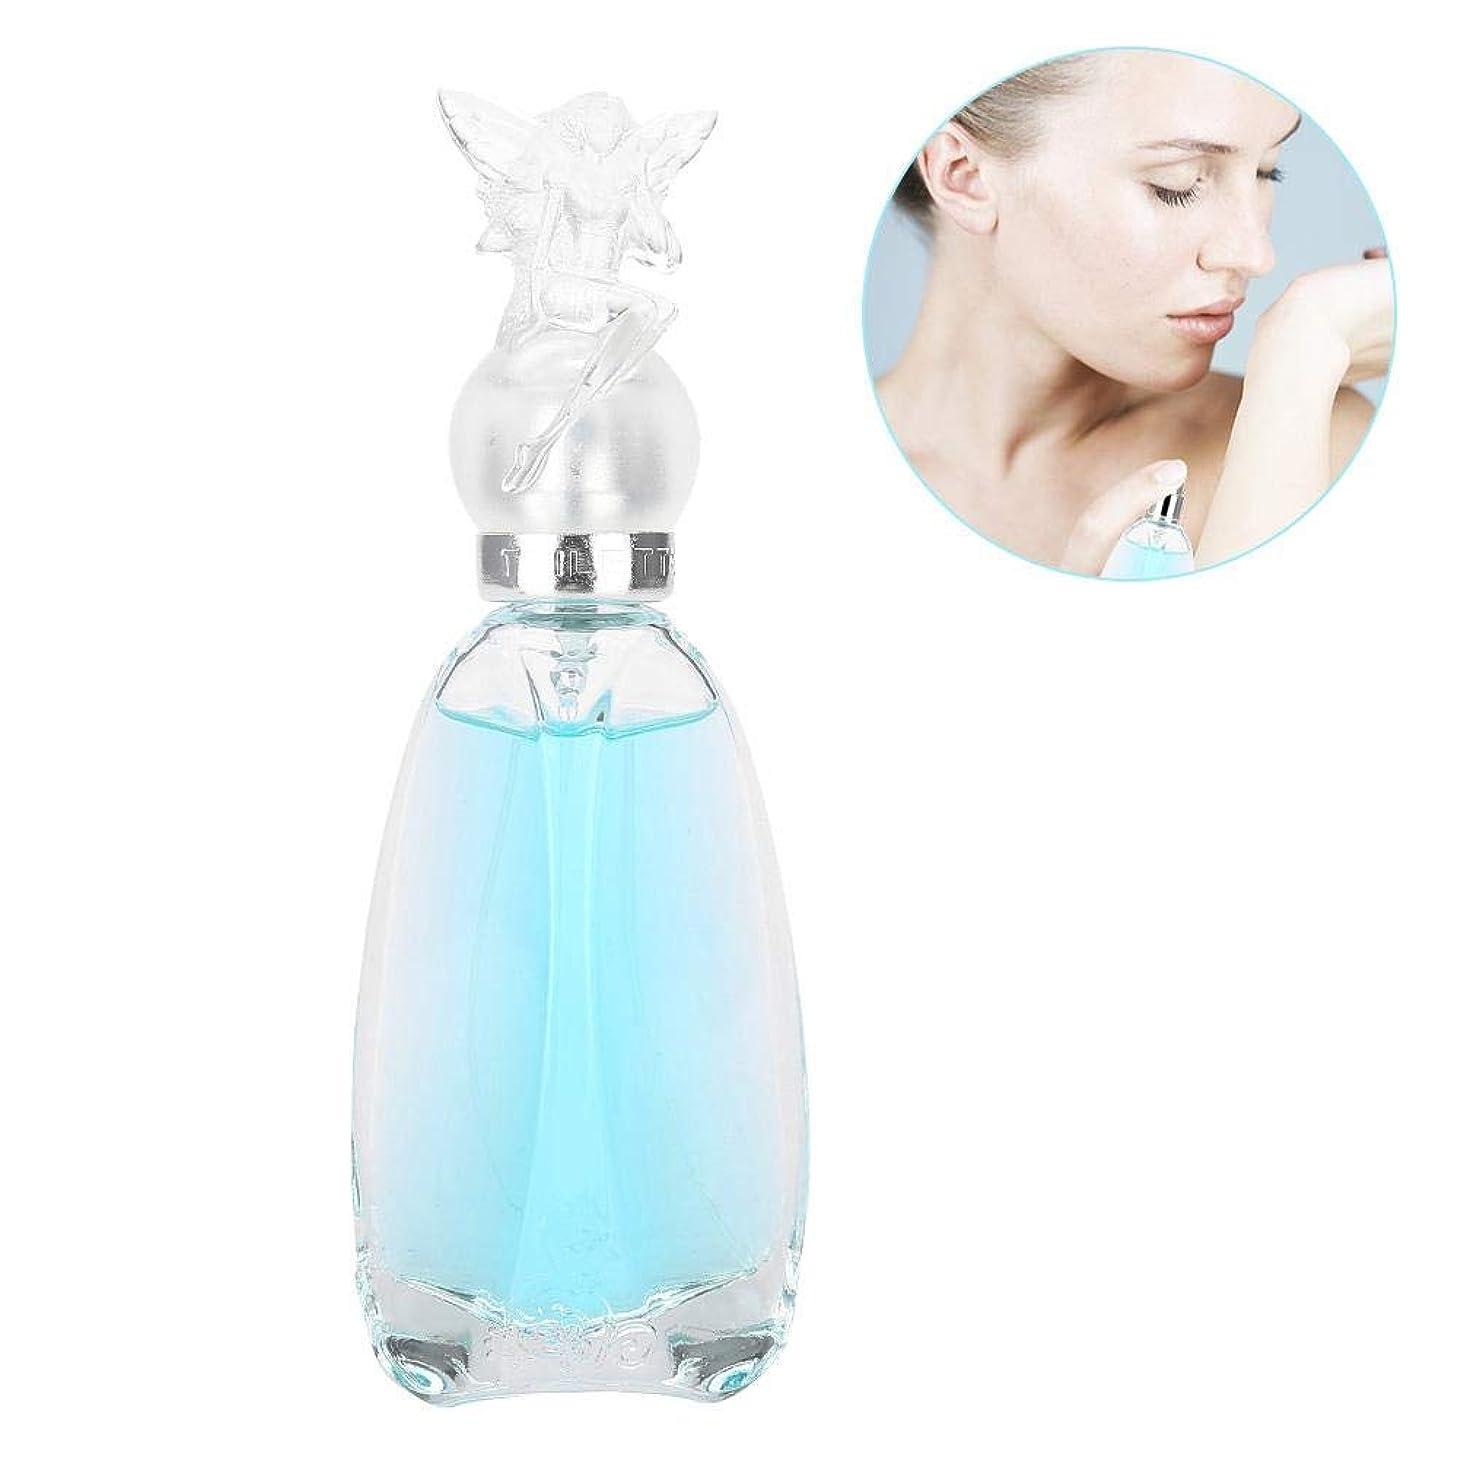 姓配置洗う50ミリリットル香水ウォータースプレー、女性のための香水フレッシュフルーツフレグランスパーティー女王香水ガラス瓶セクシーな素晴らしい長続きがする香水(Blue)